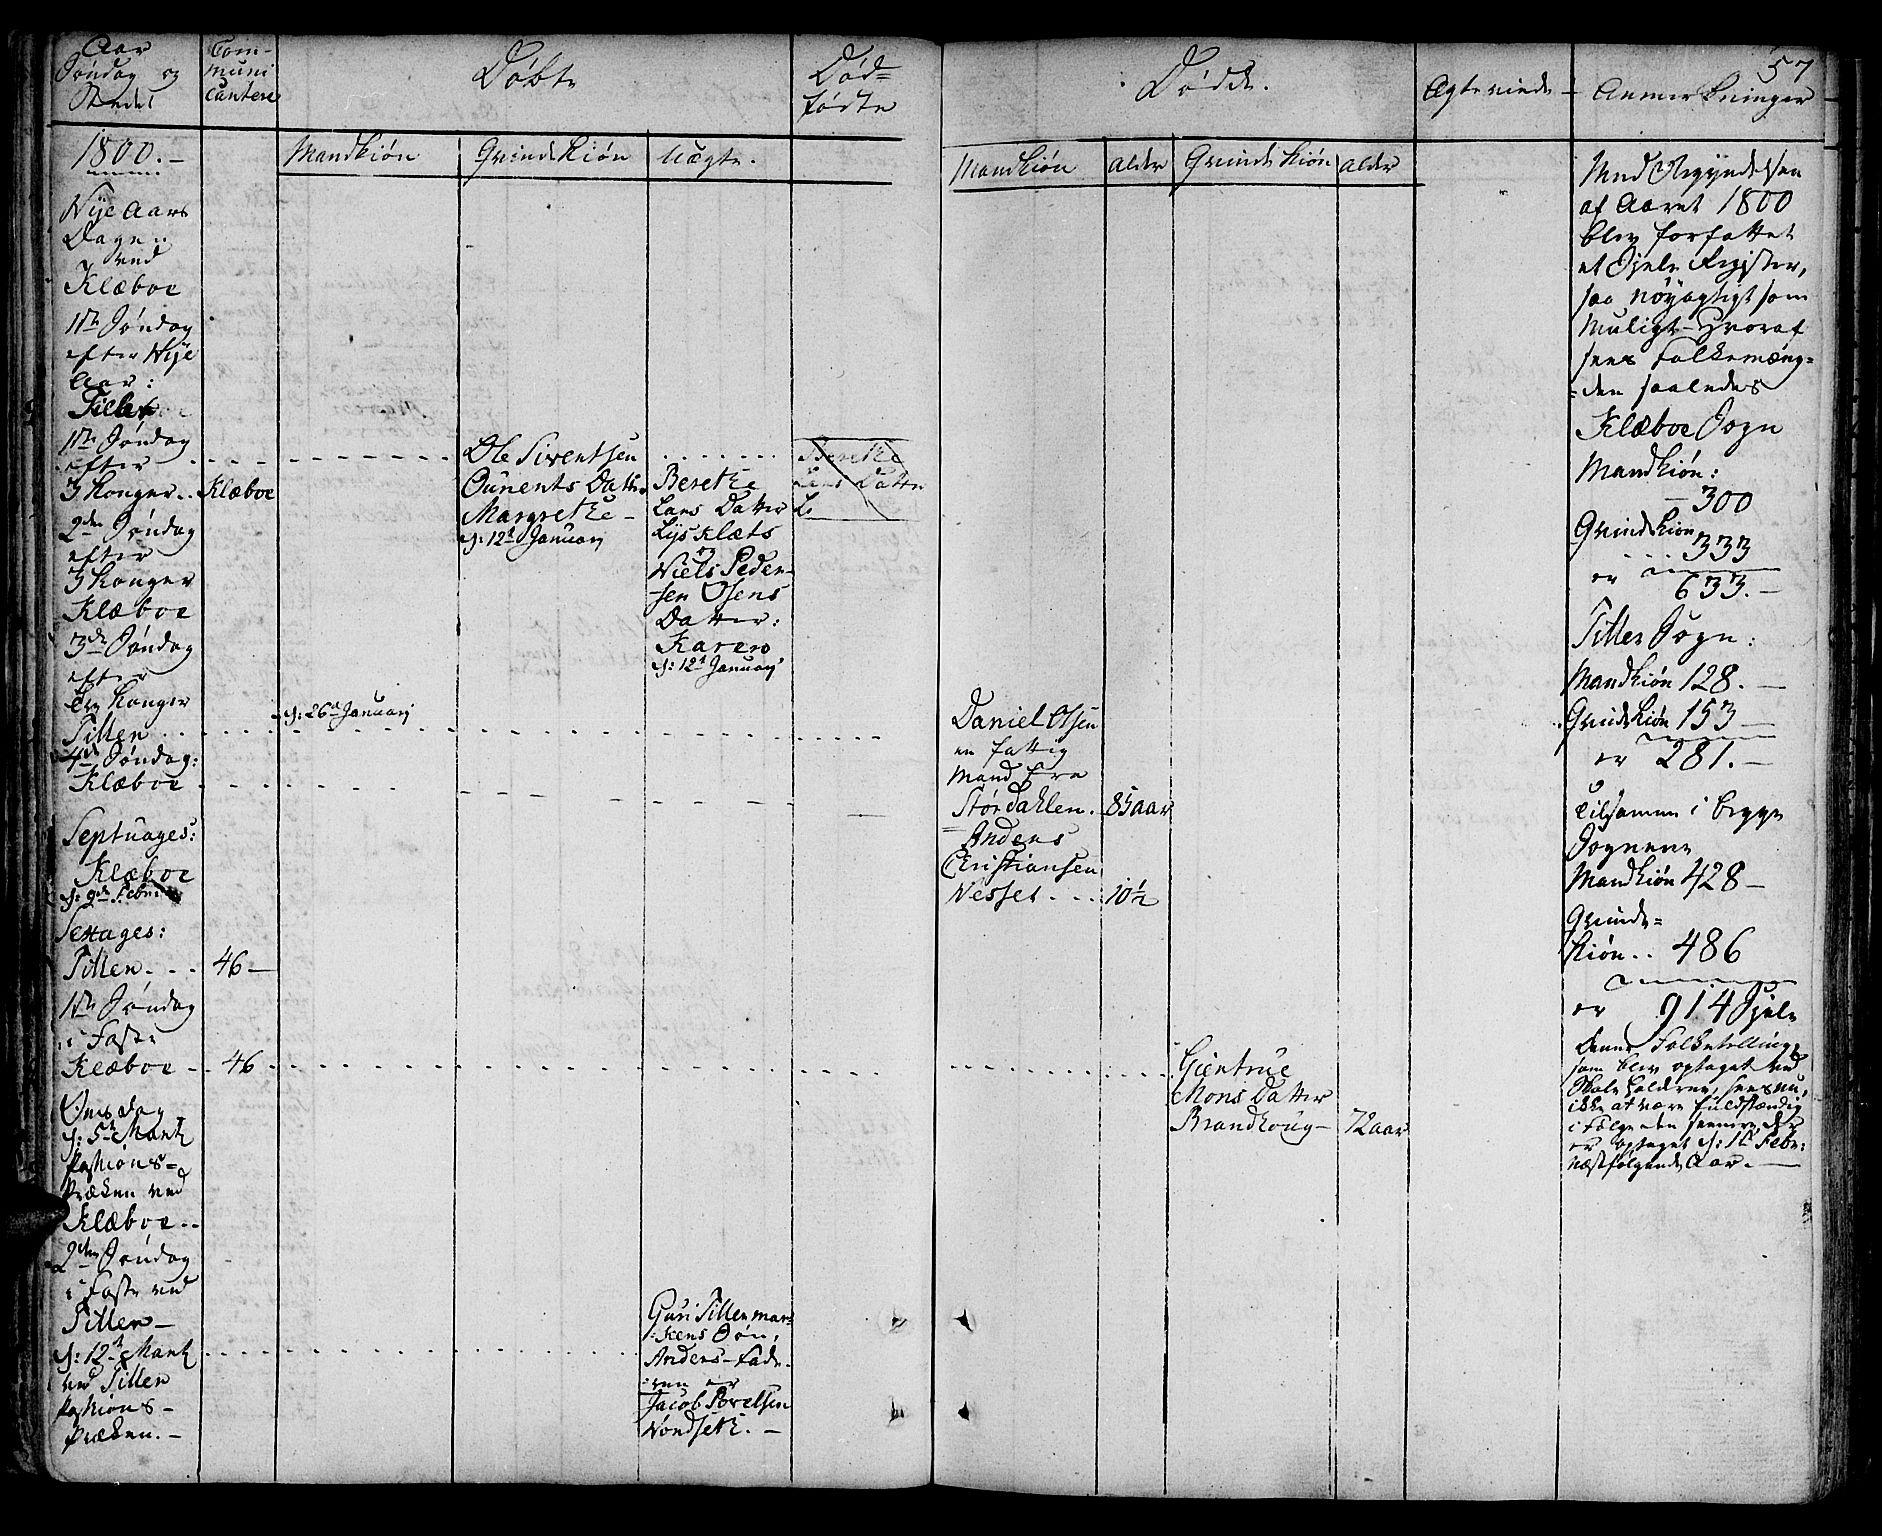 SAT, Ministerialprotokoller, klokkerbøker og fødselsregistre - Sør-Trøndelag, 618/L0438: Ministerialbok nr. 618A03, 1783-1815, s. 57